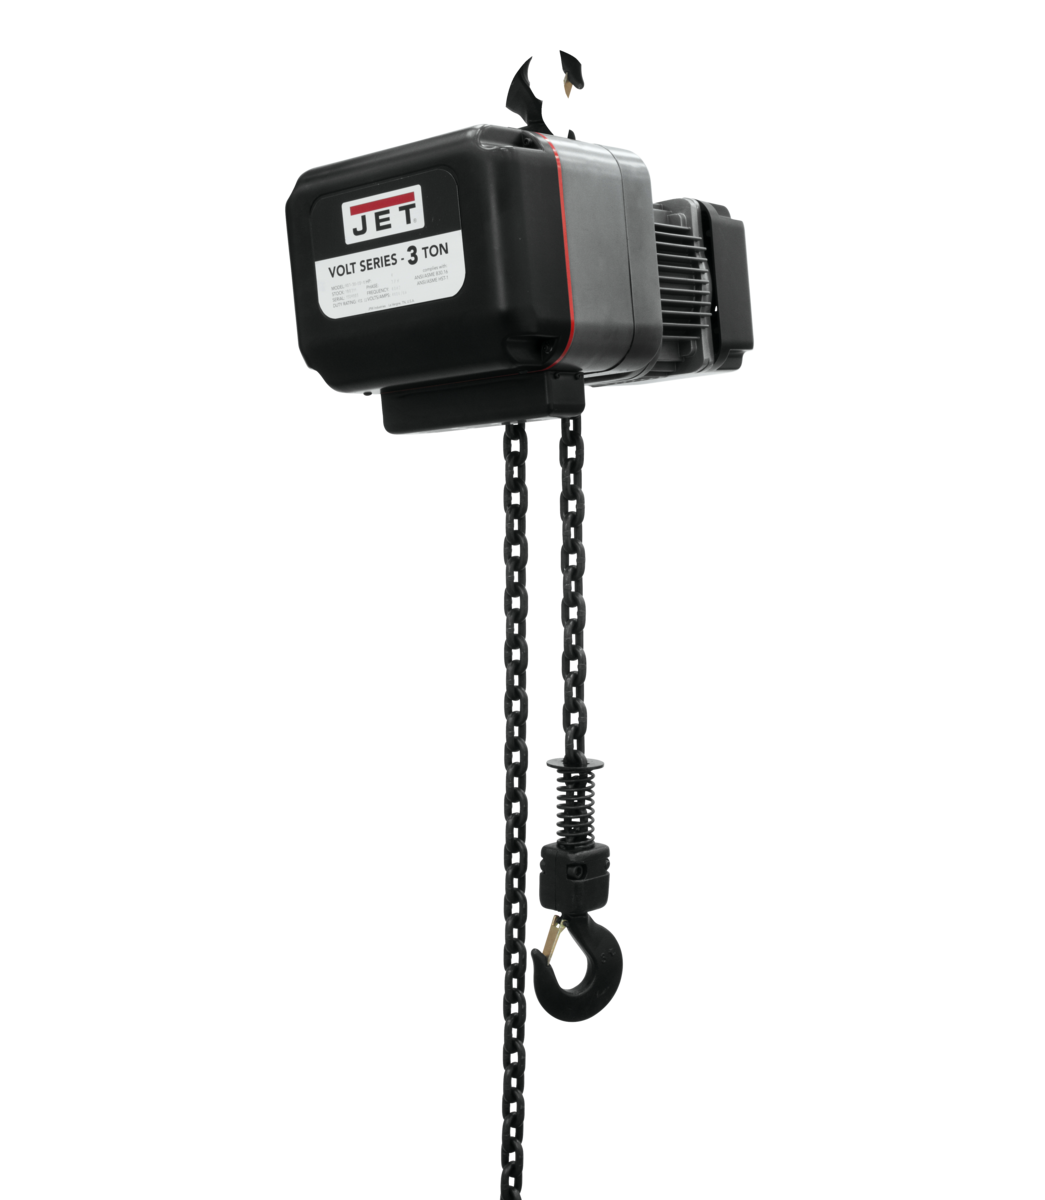 VOLT 3T VARIABLE-SPEED ELECTRIC HOIST  3PH 230V 20' LIFT